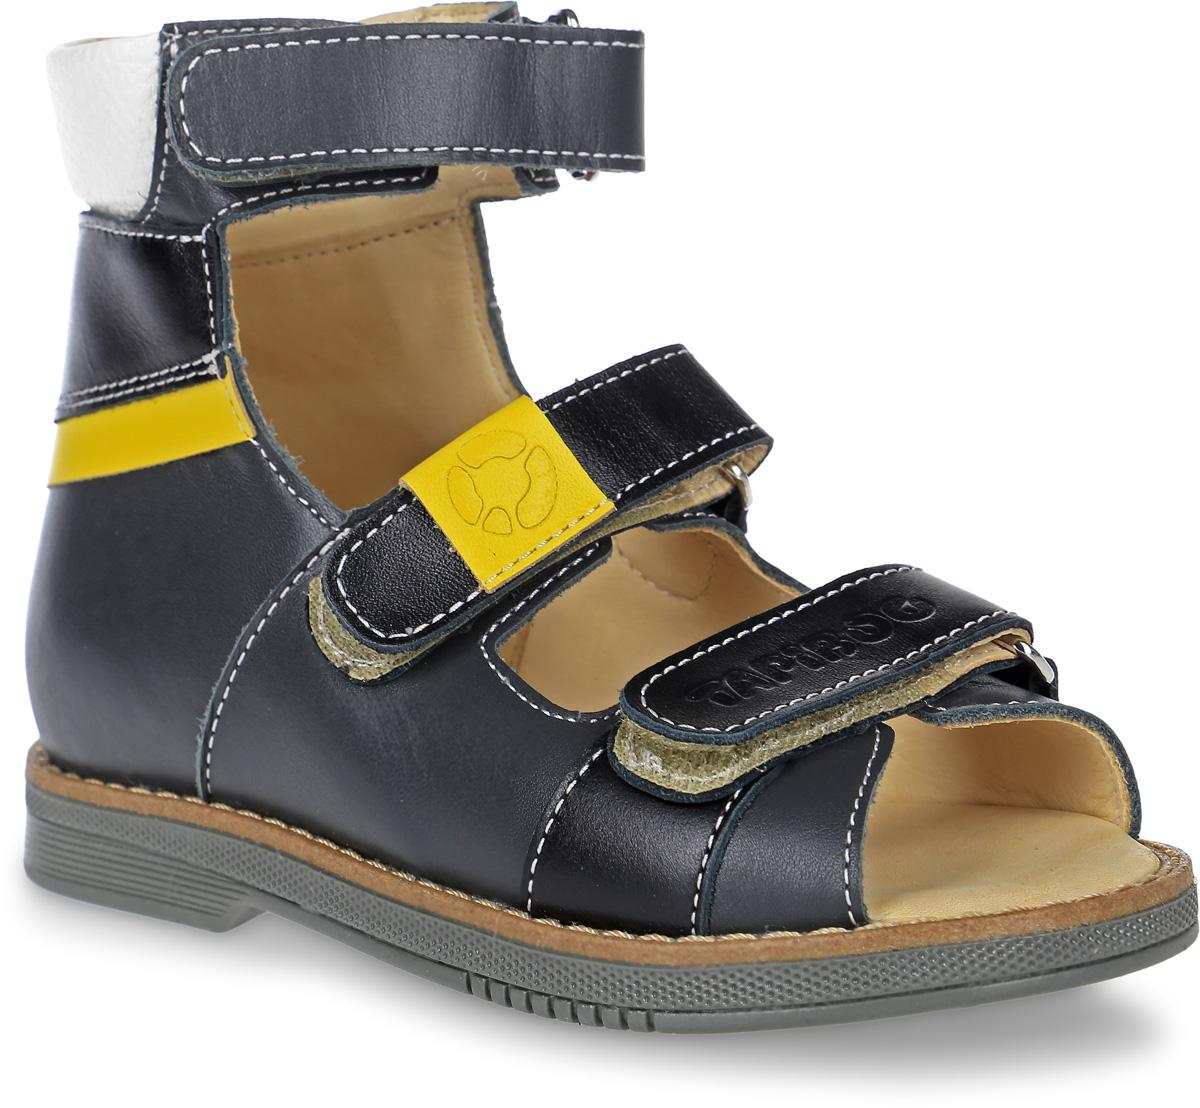 Сандалии для мальчика TapiBoo, цвет: черный, желтый. FT-26005.17-OL12O.01. Размер 27FT-26005.17-OL12O.01Ортопедические сандалии от TapiBoo разработаны для коррекции стоп при вальгусной деформации, а также для профилактики плоскостопия. Модель, выполненная из натуральной кожи, оформлена контрастной прострочкой.Жесткий фиксирующий задник увеличенной высоты и три застежки - липучки, обеспечивают необходимую фиксацию голеностопа в правильном положении. Нижний ремешок дополнен логотипом бренда, ремешок на подъеме - фирменной нашивкой. Ортопедический каблук Томаса укрепляет подошву под средней частью стопы и препятствует ее заваливанию внутрь. Отсутствие швов на подкладке обеспечивает дополнительный комфорт и предотвращает натирание. Рельефный рисунок подошвы обеспечивает сцепление с любыми поверхностями. Такие сандалии станут незаменимыми в гардеробе вашего ребенка.